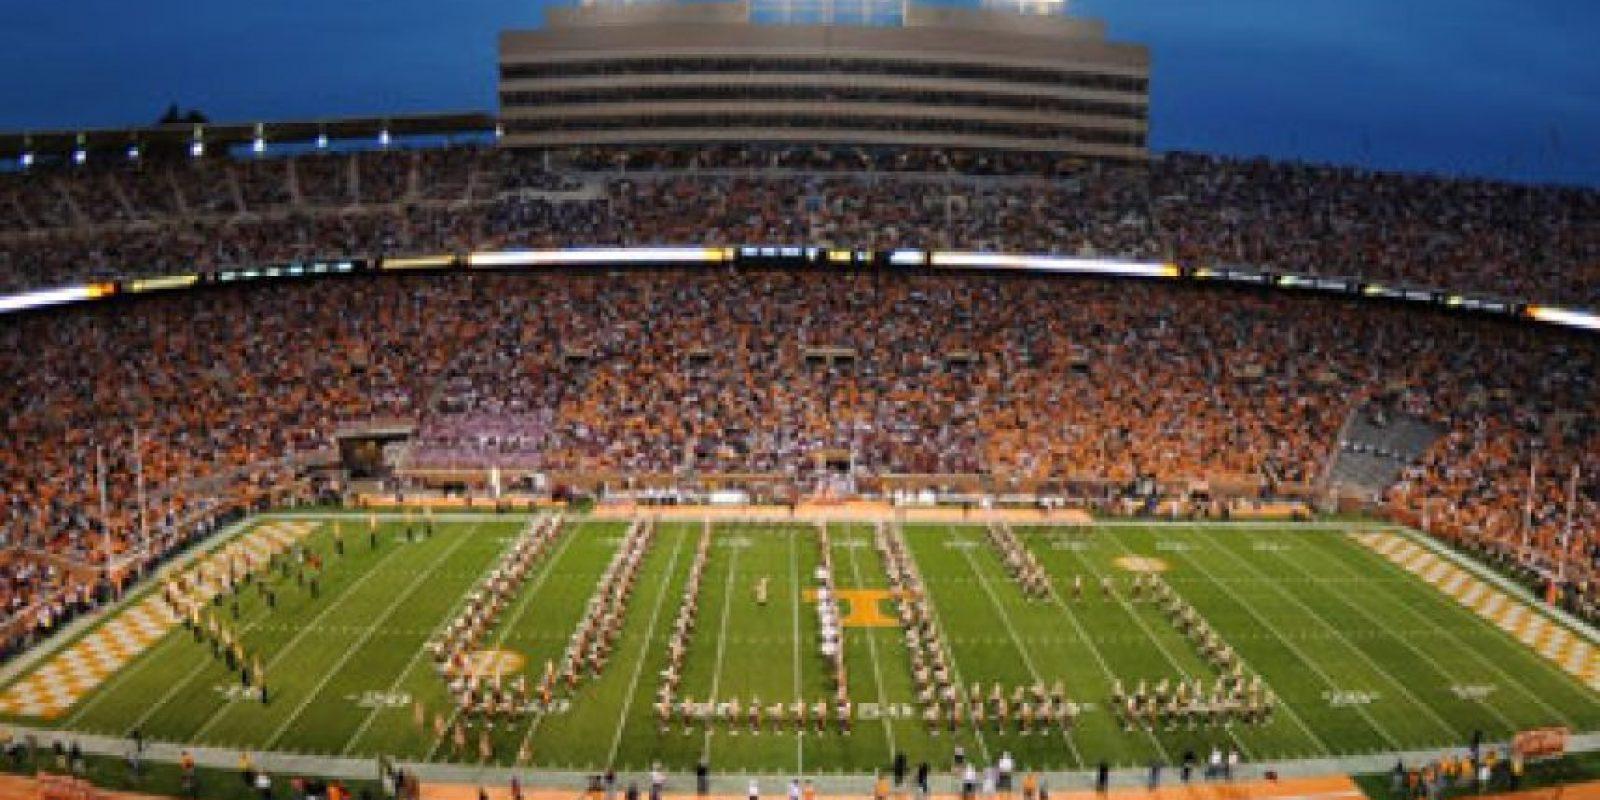 Es el tercero más grande de Estados Unidos Foto:Utsports.com